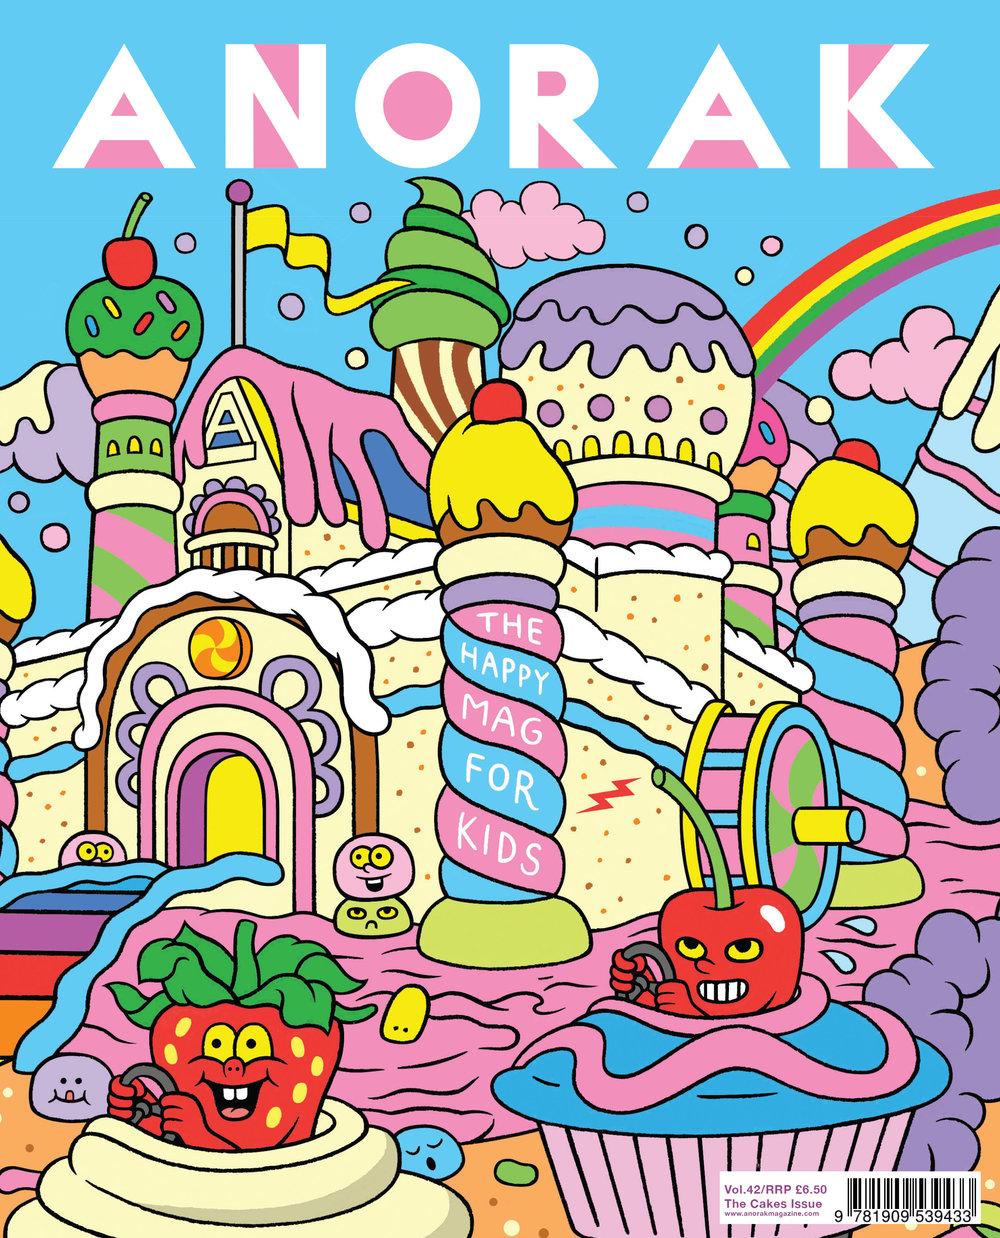 Anorak-vol-42-cover.jpg